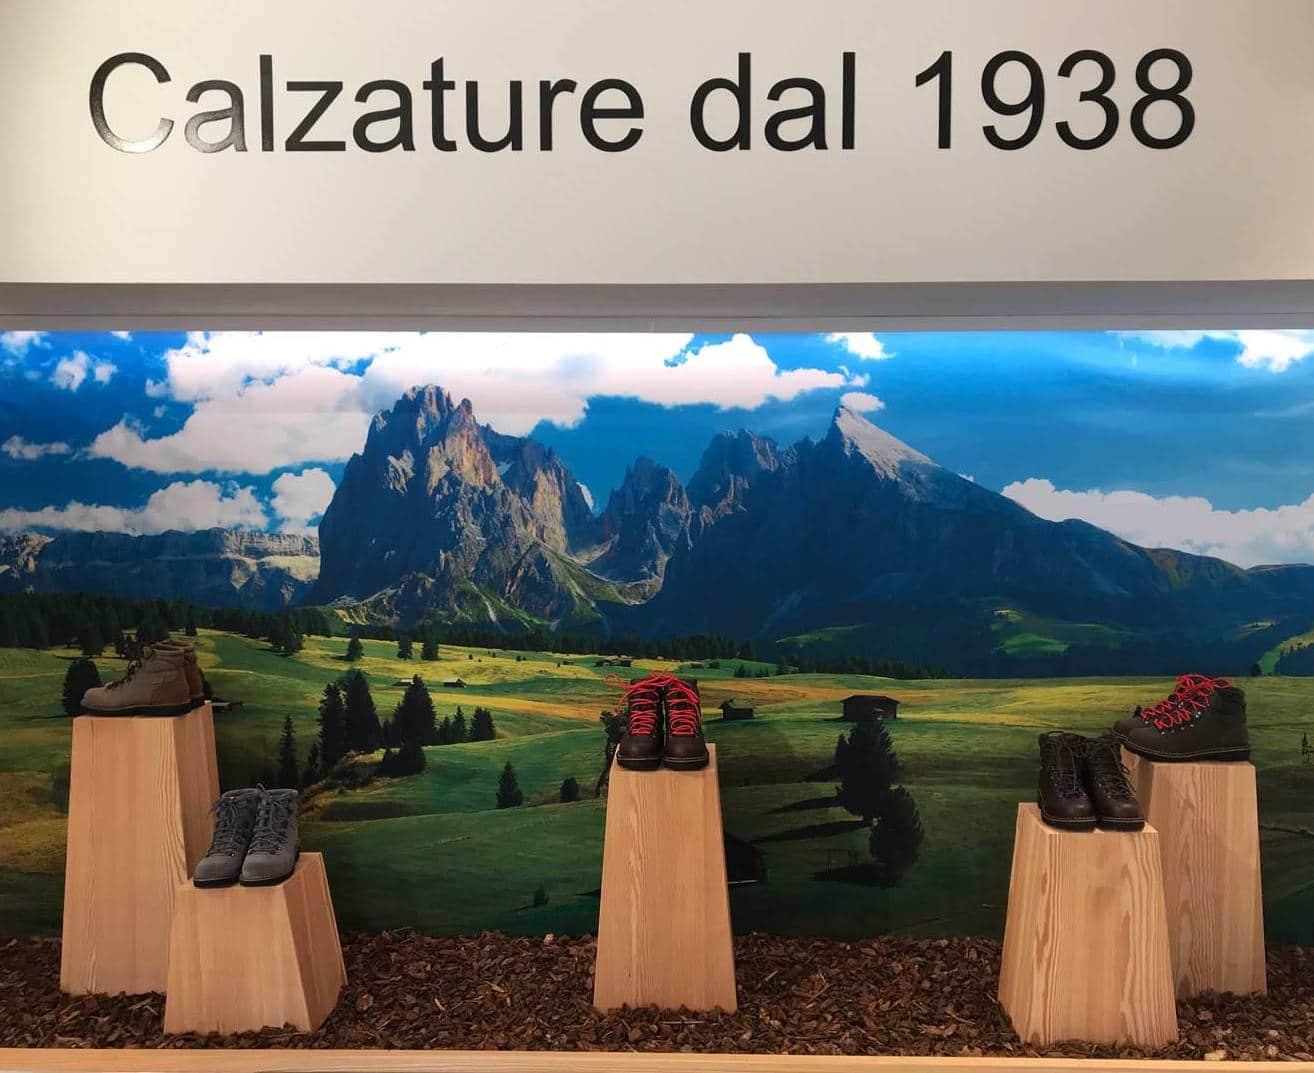 tendenze arredamento negozi, scarponi da montagna appoggiati su piedistalli in legno con paesaggio Dolomitico sullo sfondo, realizzazione COMINshop